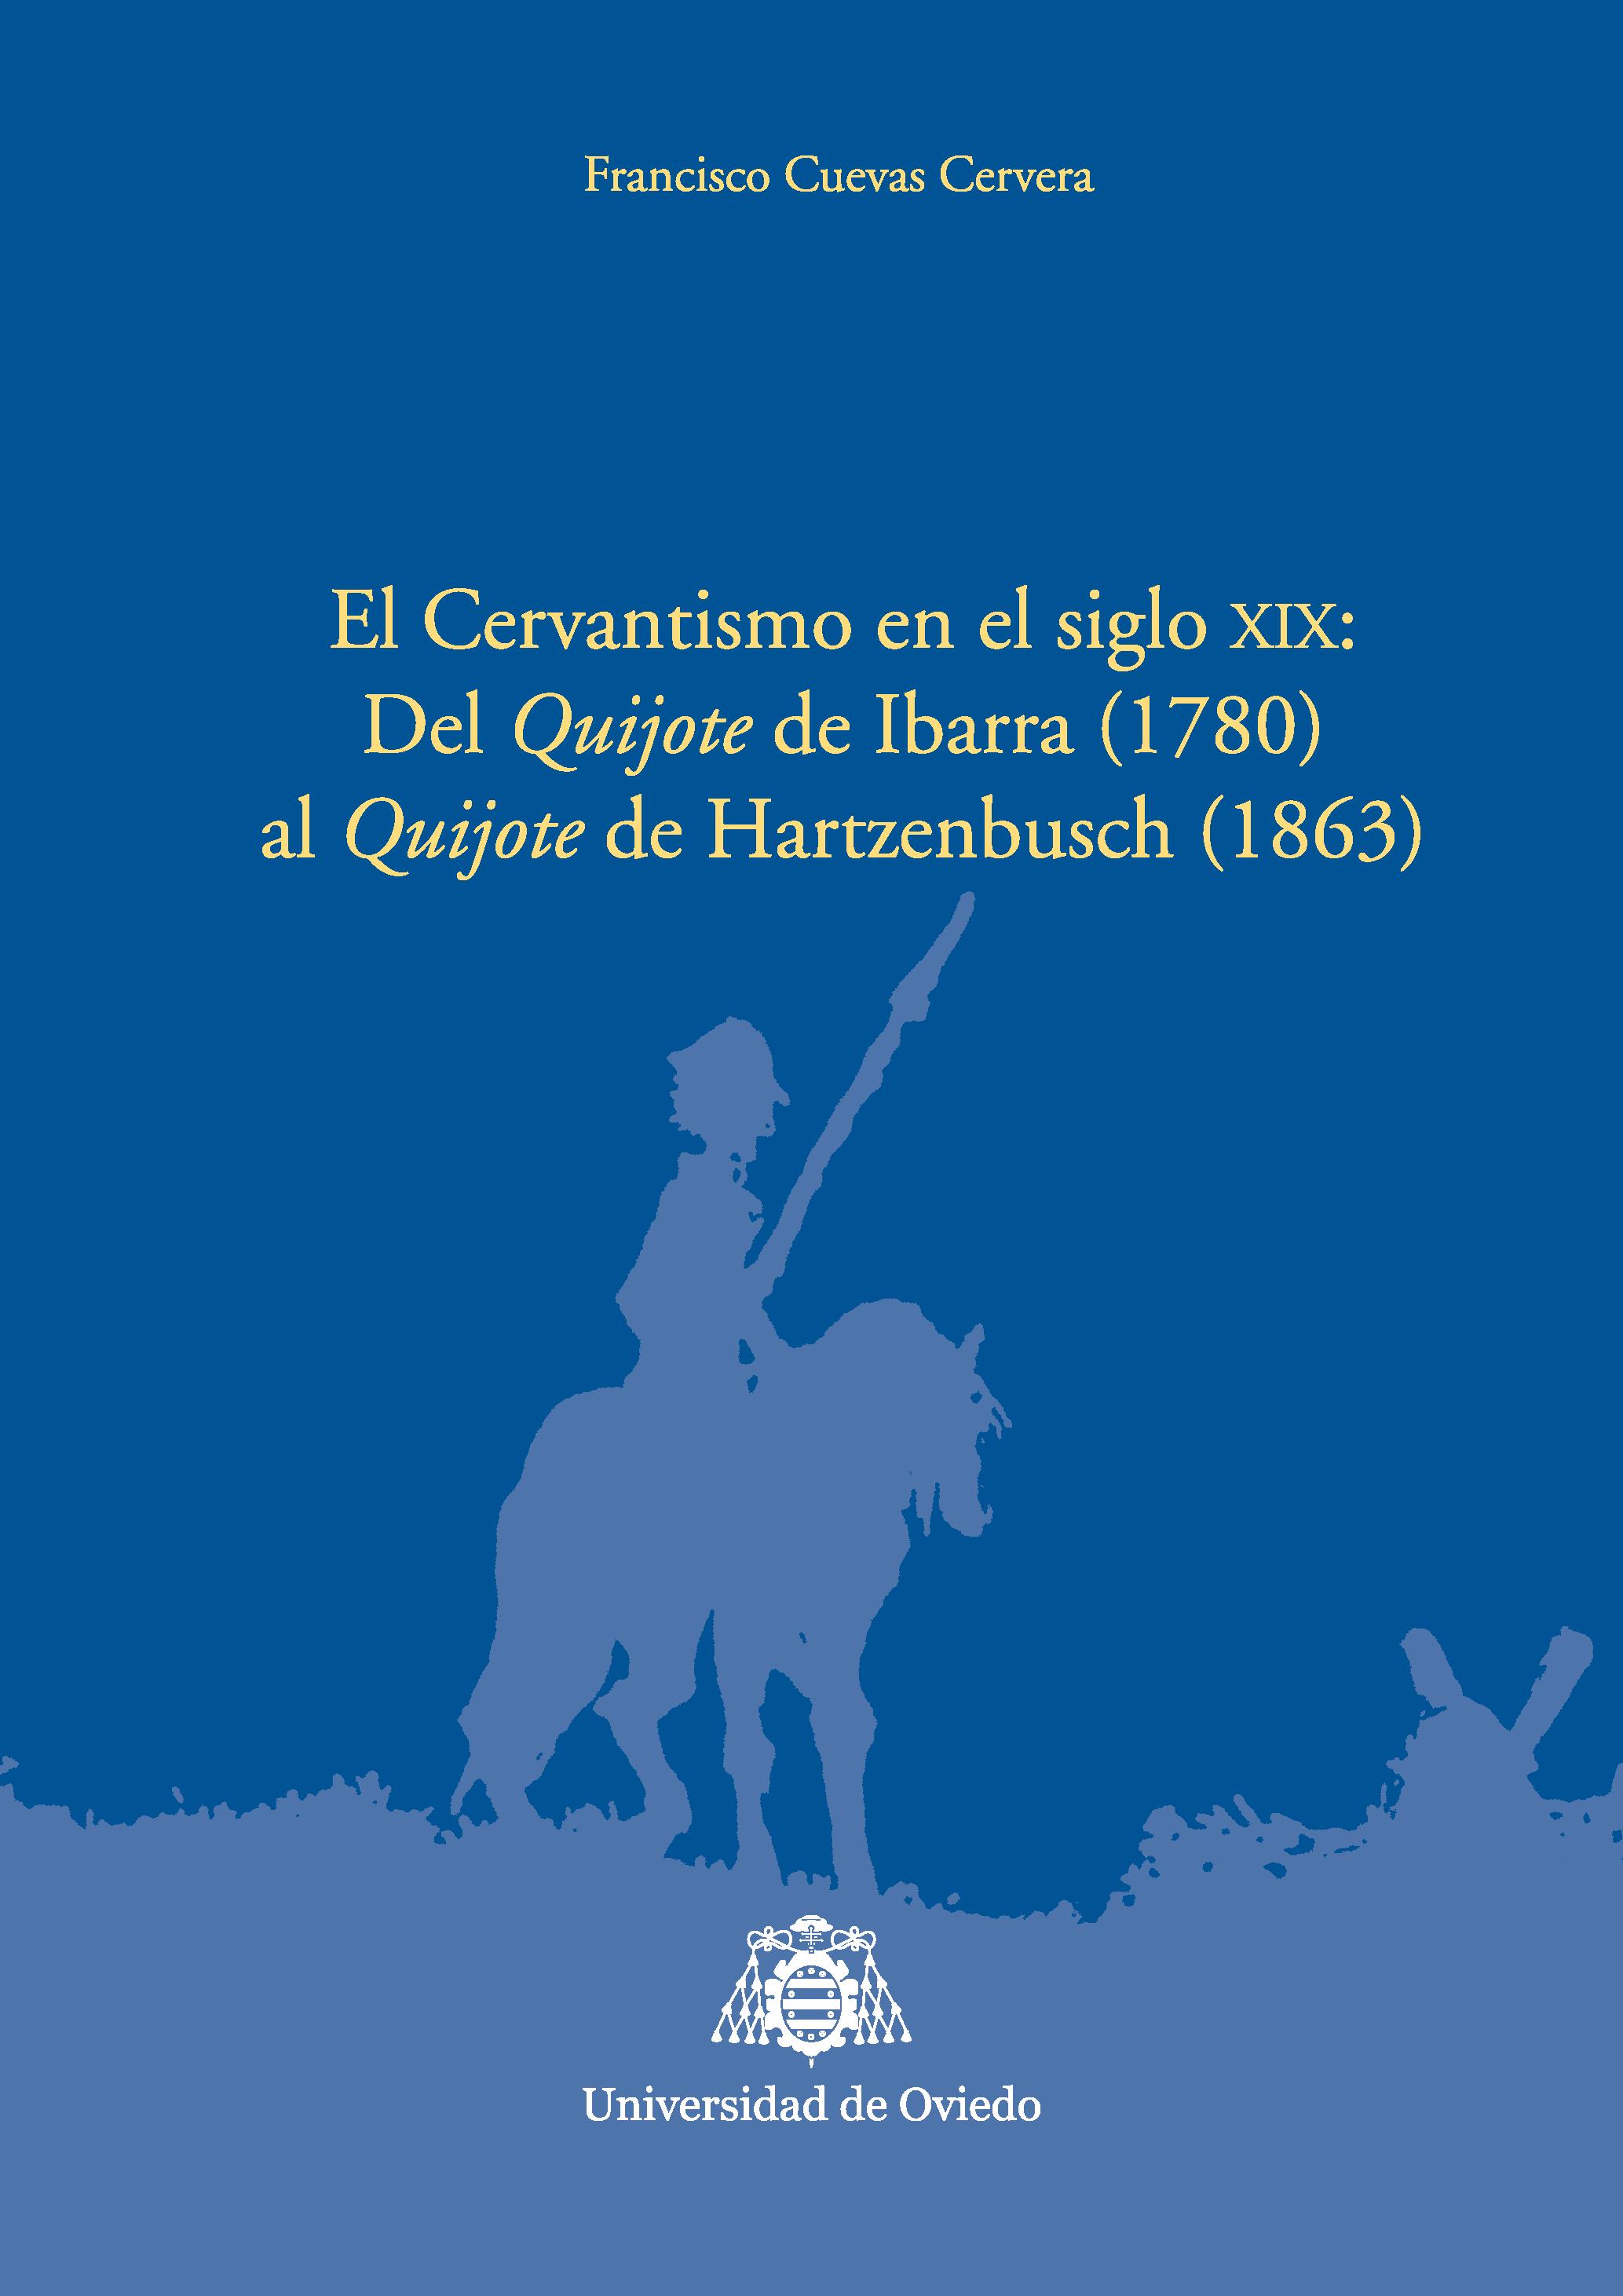 Cuevas Cervera, Francisco, El Cervantismo en el siglo XIX. Del Quijote de Ibarra (1780) al Quijote de Hartzenbusch (1863), Oviedo, Universidad de Oviedo, 2015. ISBN: 978-84-16343-28-7